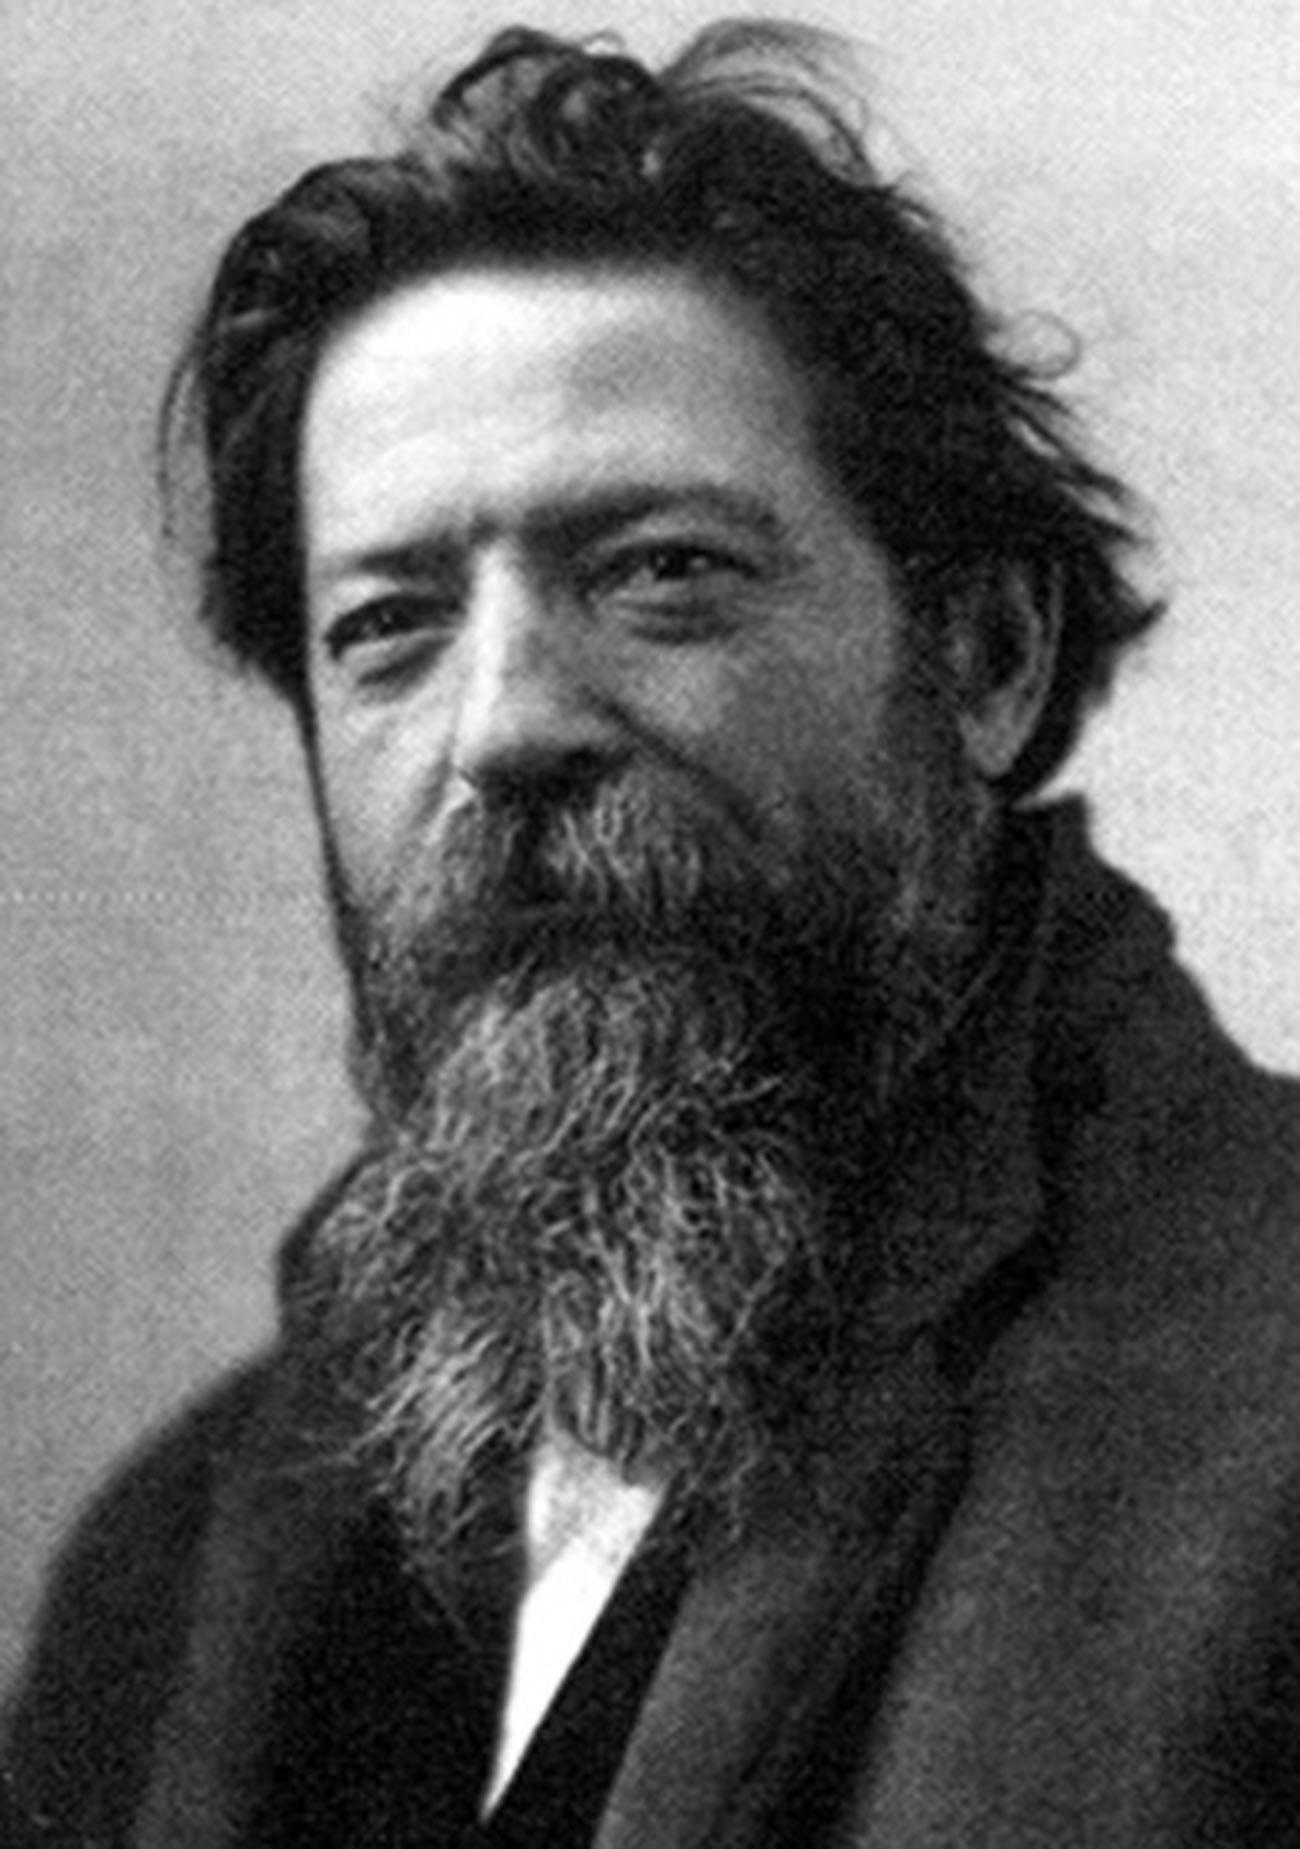 Moisej Nappeljbaum